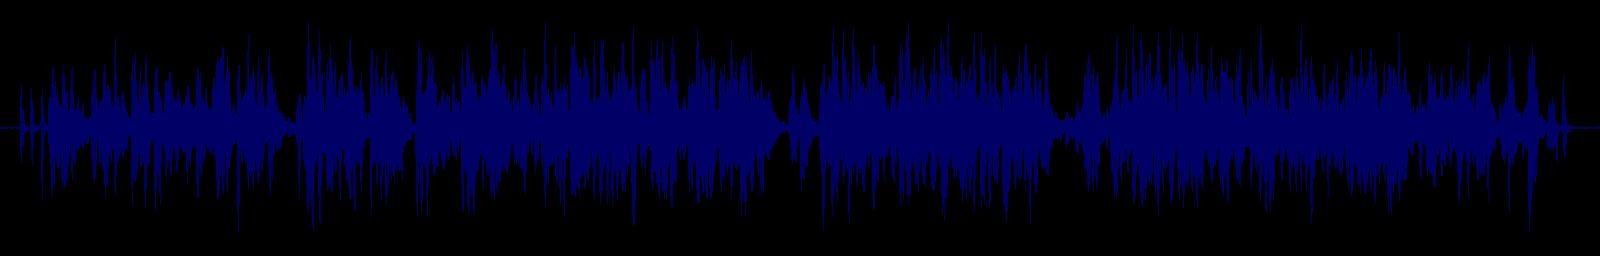 waveform of track #136707